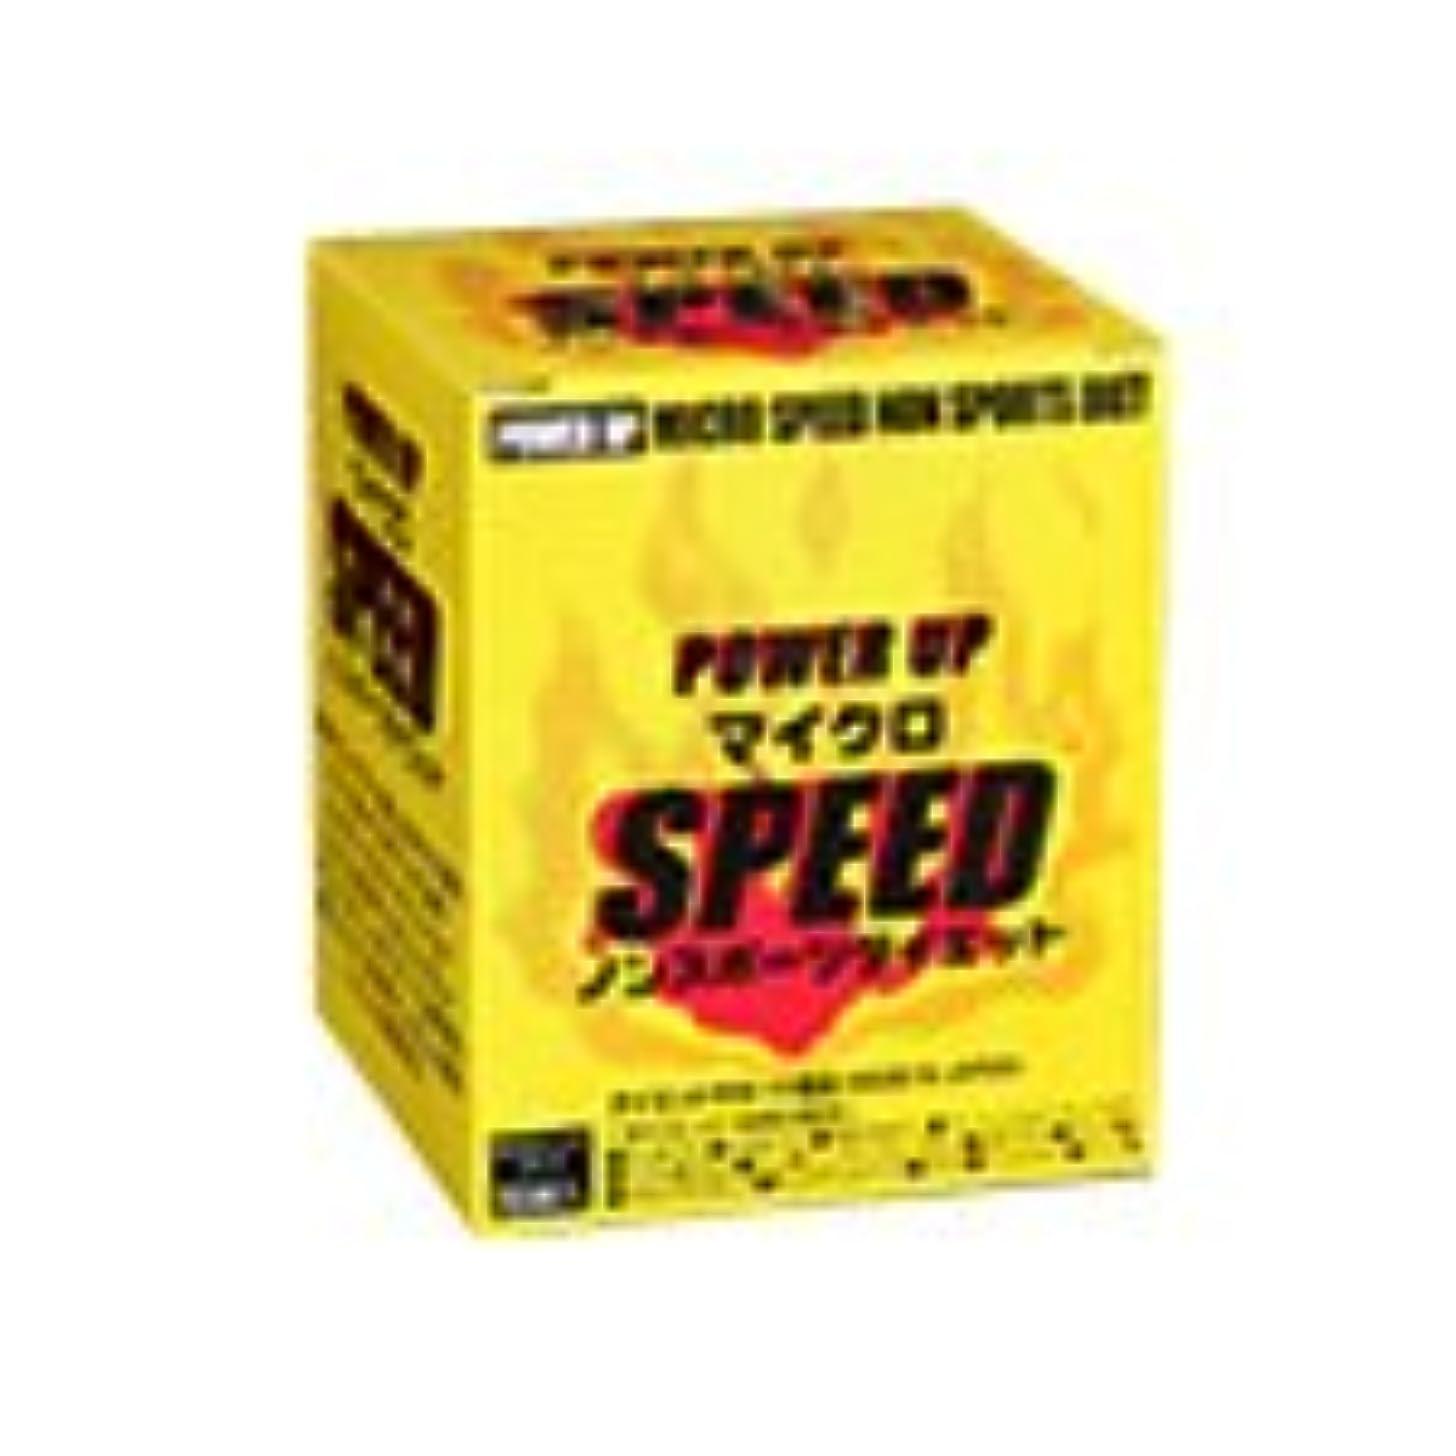 メッセージ公のりマイクロスピードノンスポーツダイエット 1箱